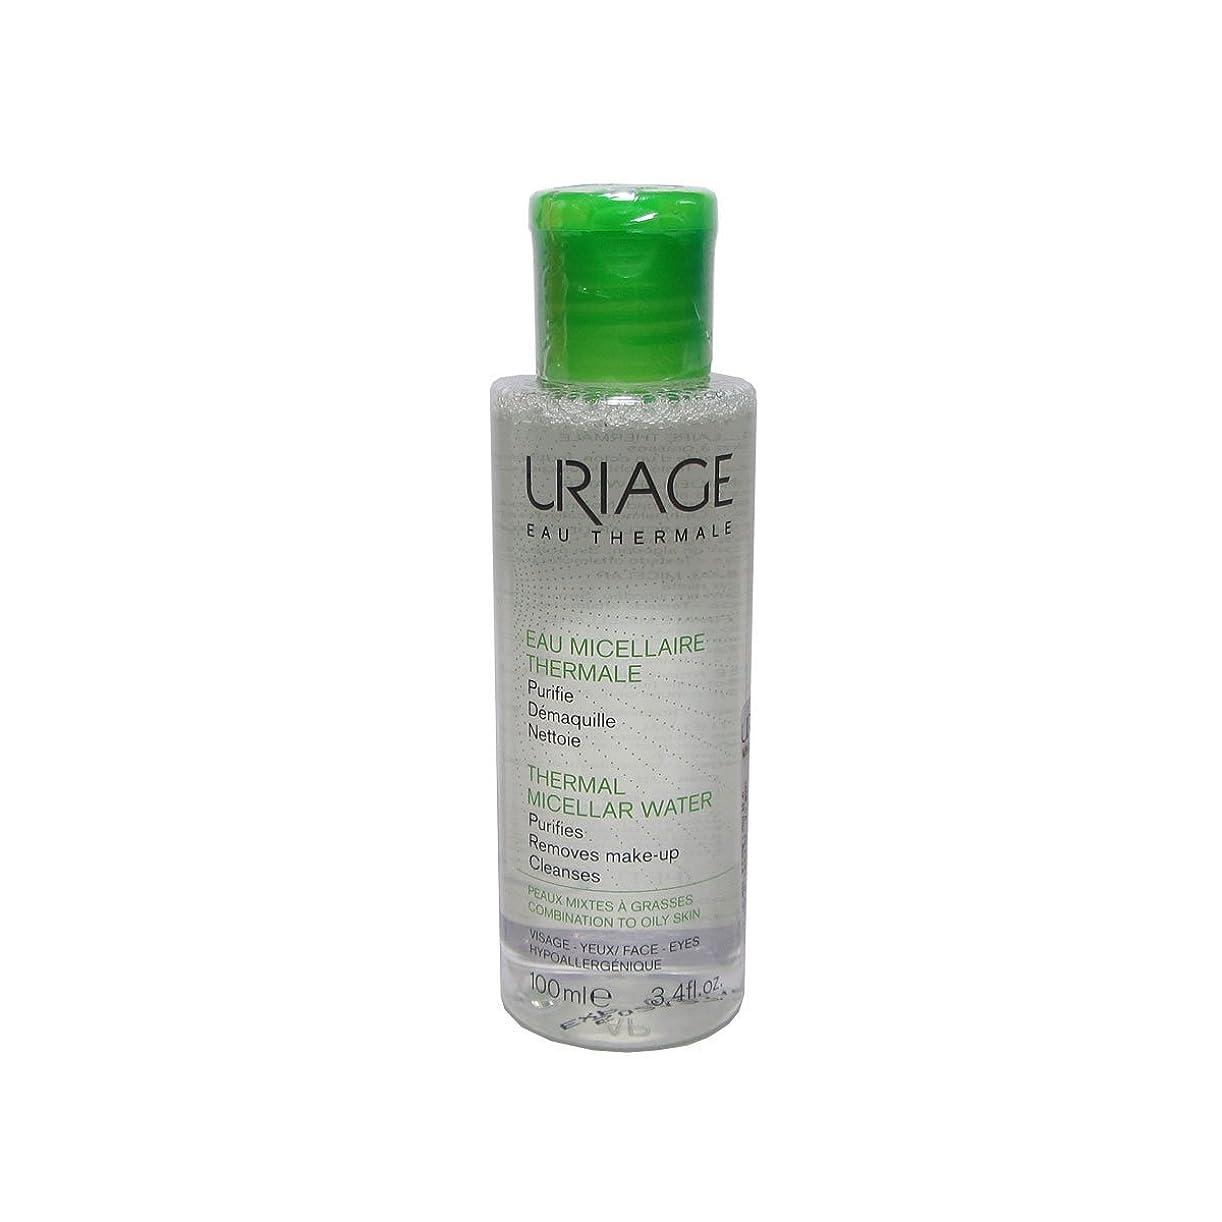 処理する効果郡Uriage Thermal Micellar Water Combination To Oily Skin 100ml [並行輸入品]